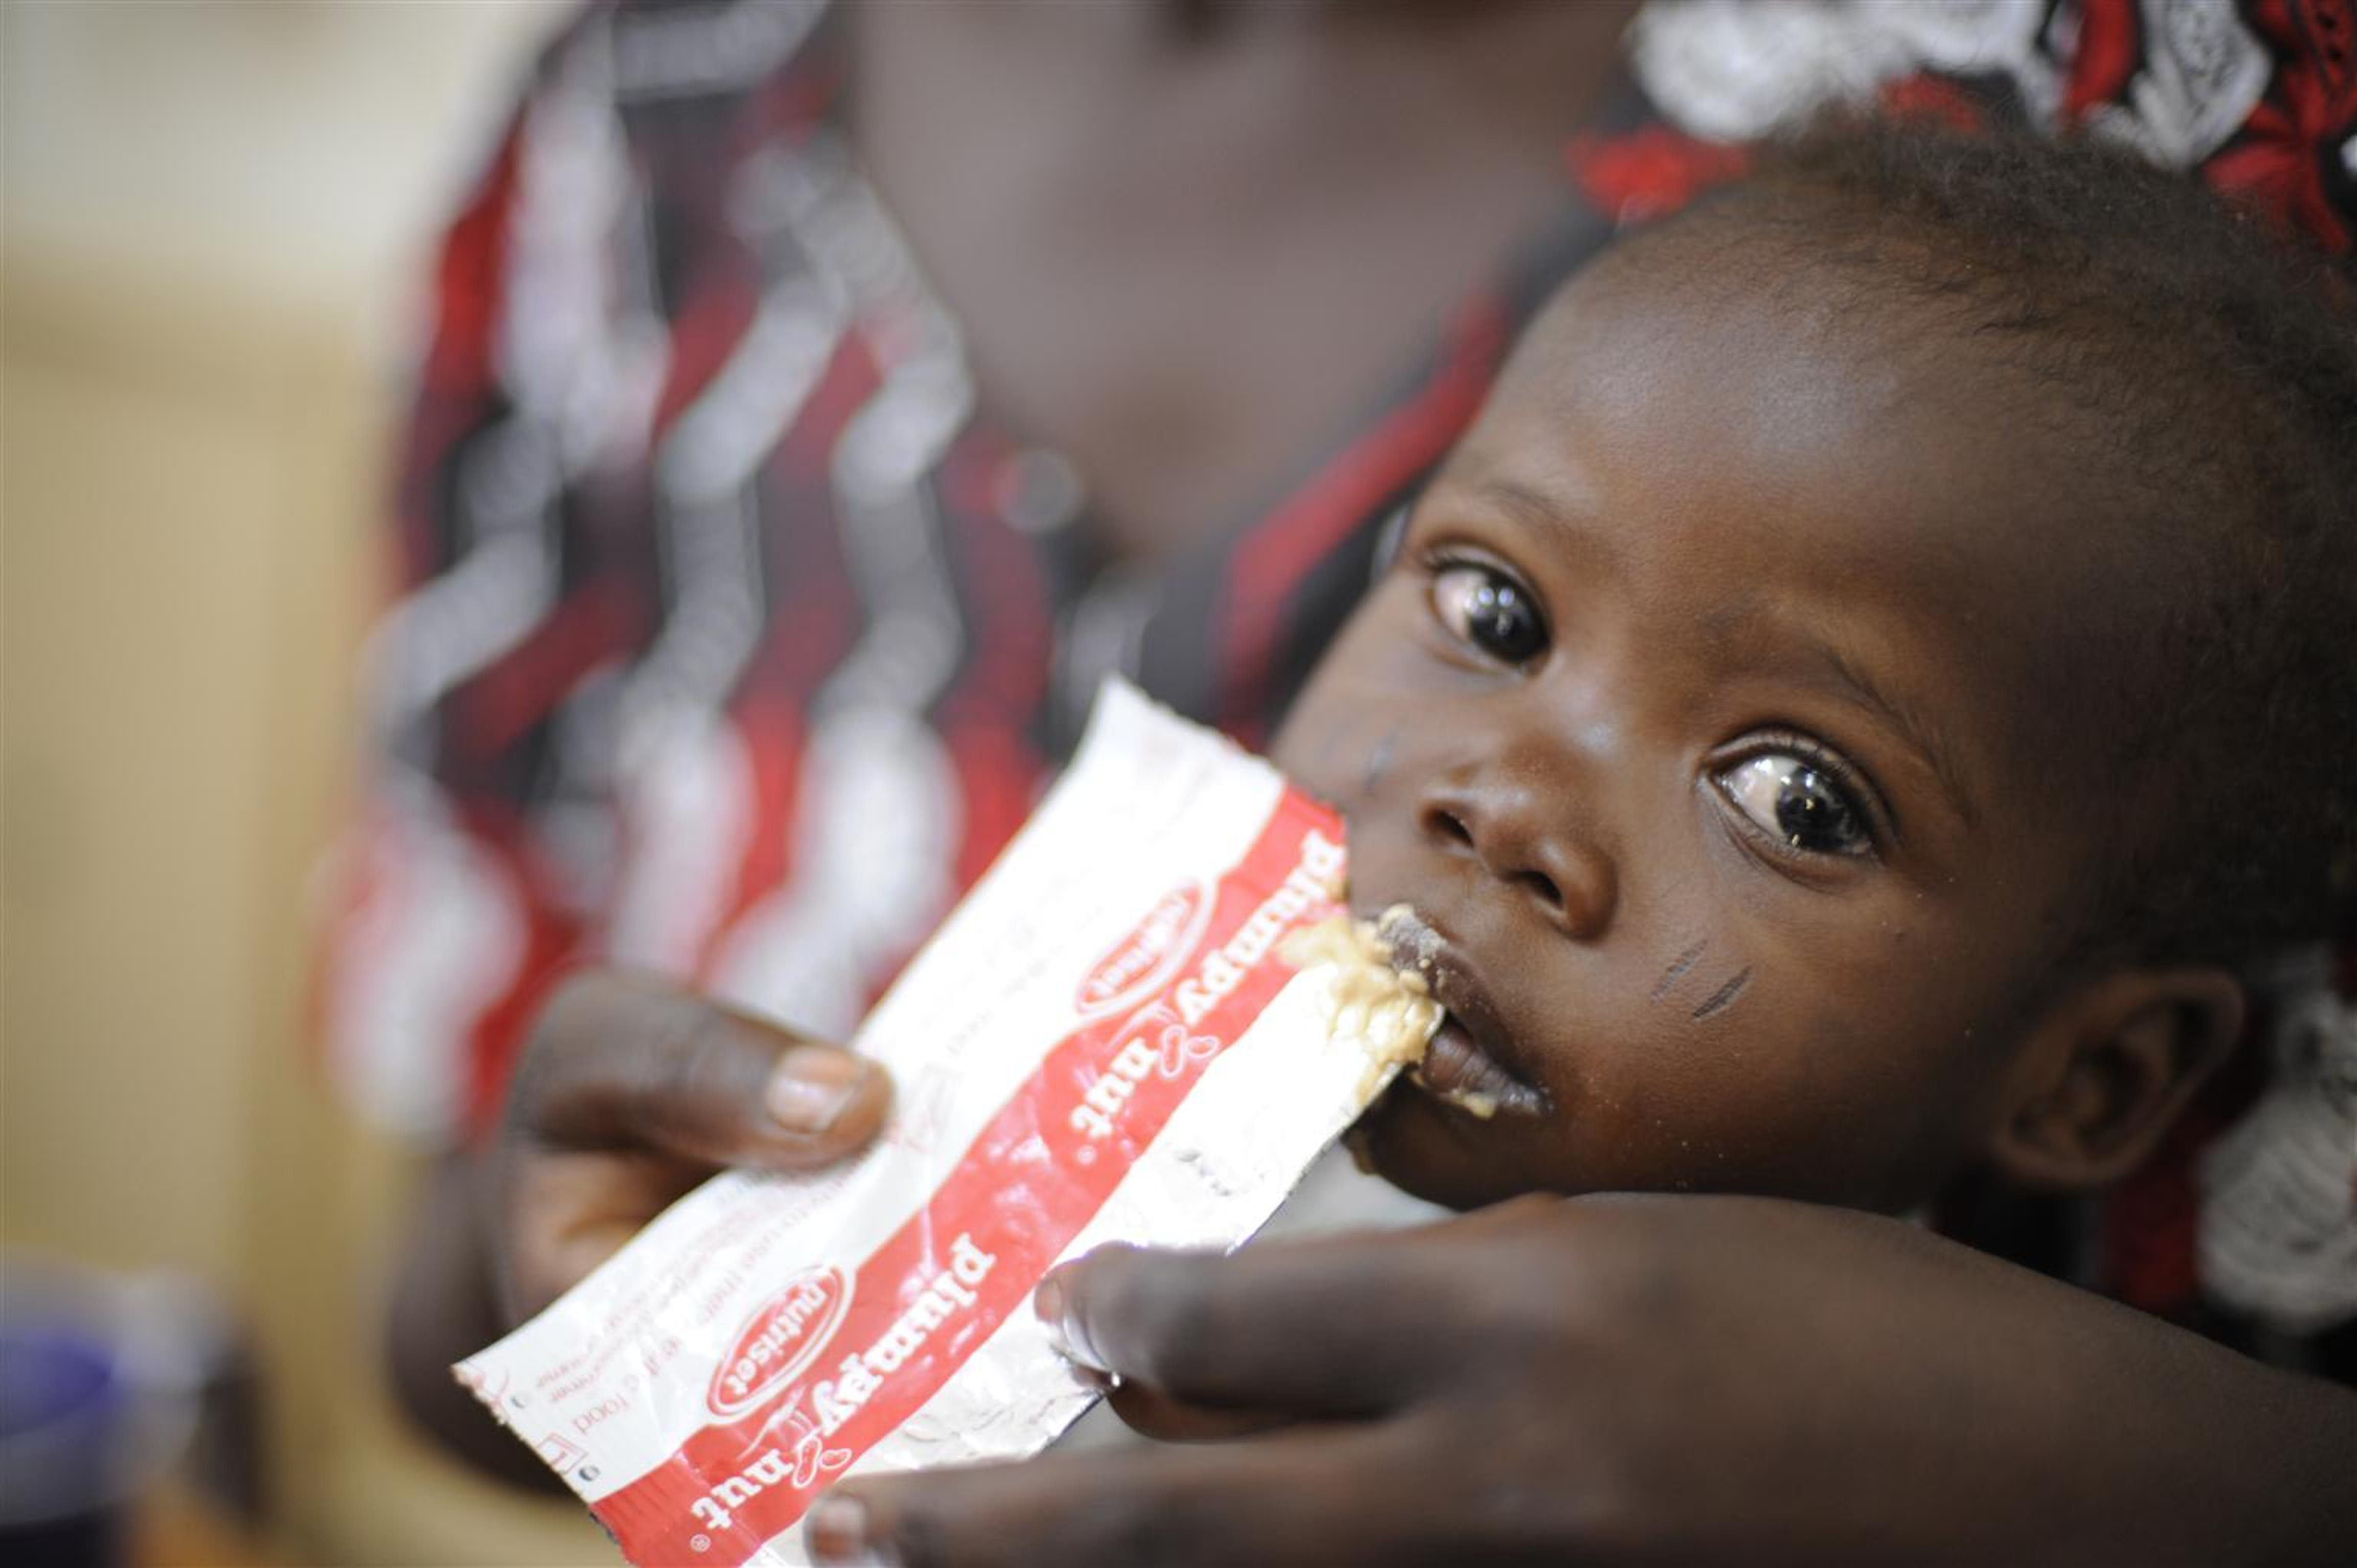 Un bambino ormai in fase di recupero da uno stadio di malnutrizione acuta nel centro nutrizionale terapeutico Chagoua a N'Djamena, capitale del Ciad - ©UNICEF/NYHQ2010-1159/R.Gangale